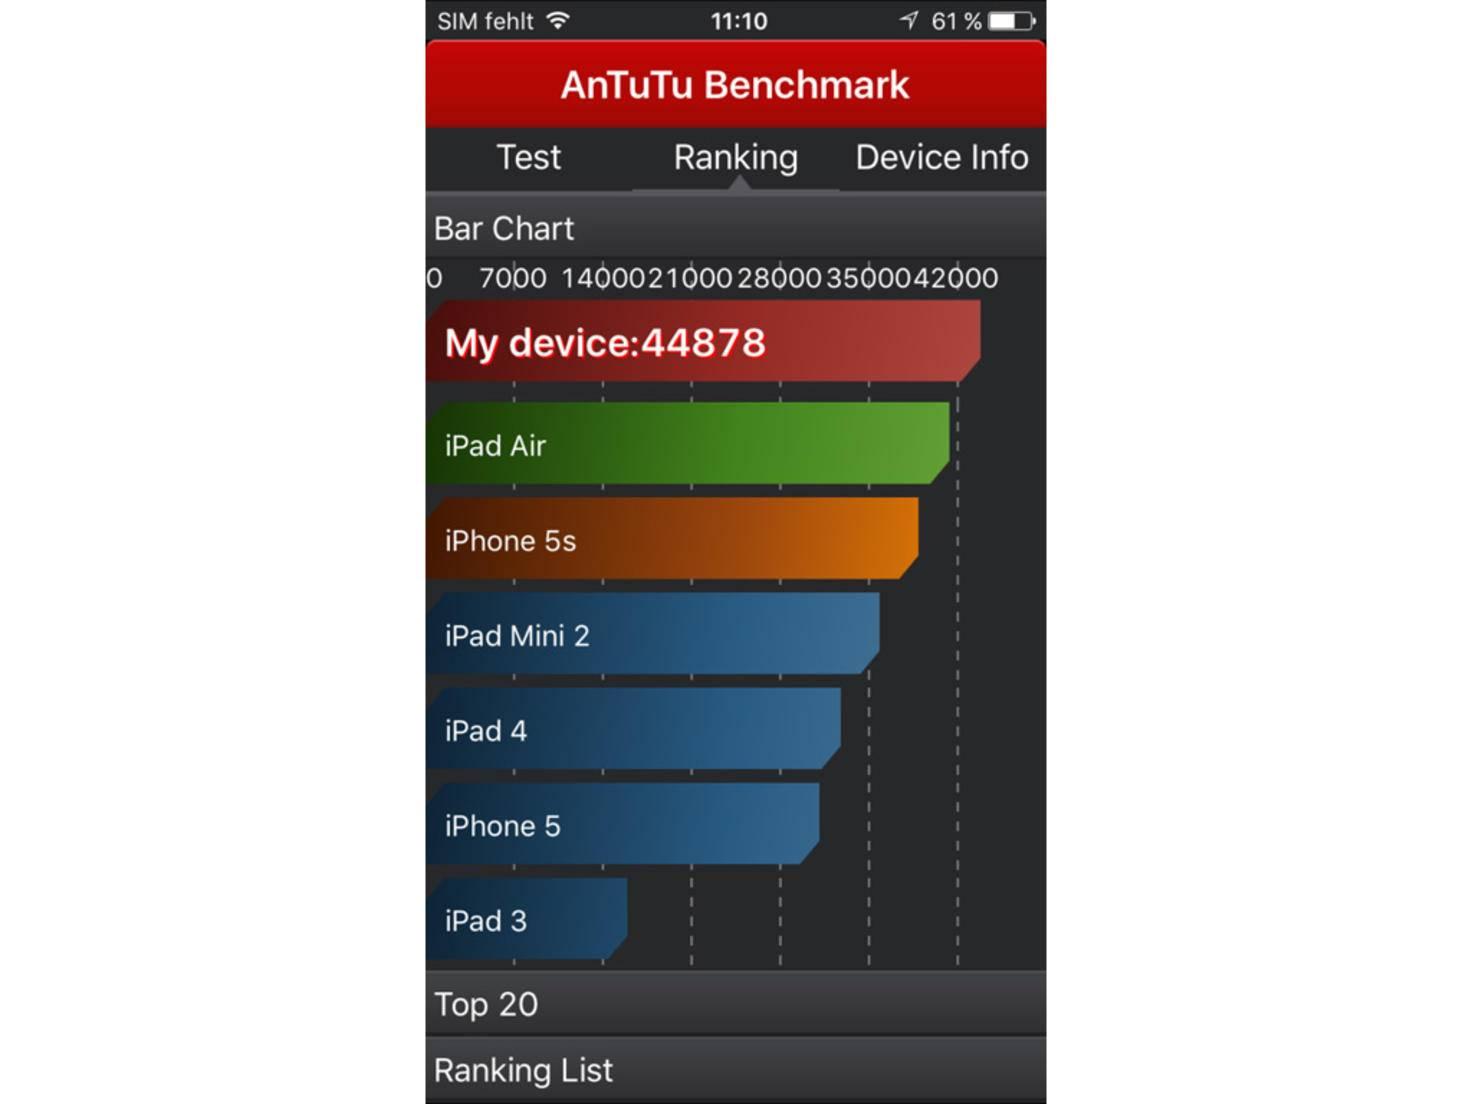 Zum Vergleich: Das Vorjahresmodell iPhone 6 im gleichen Test.